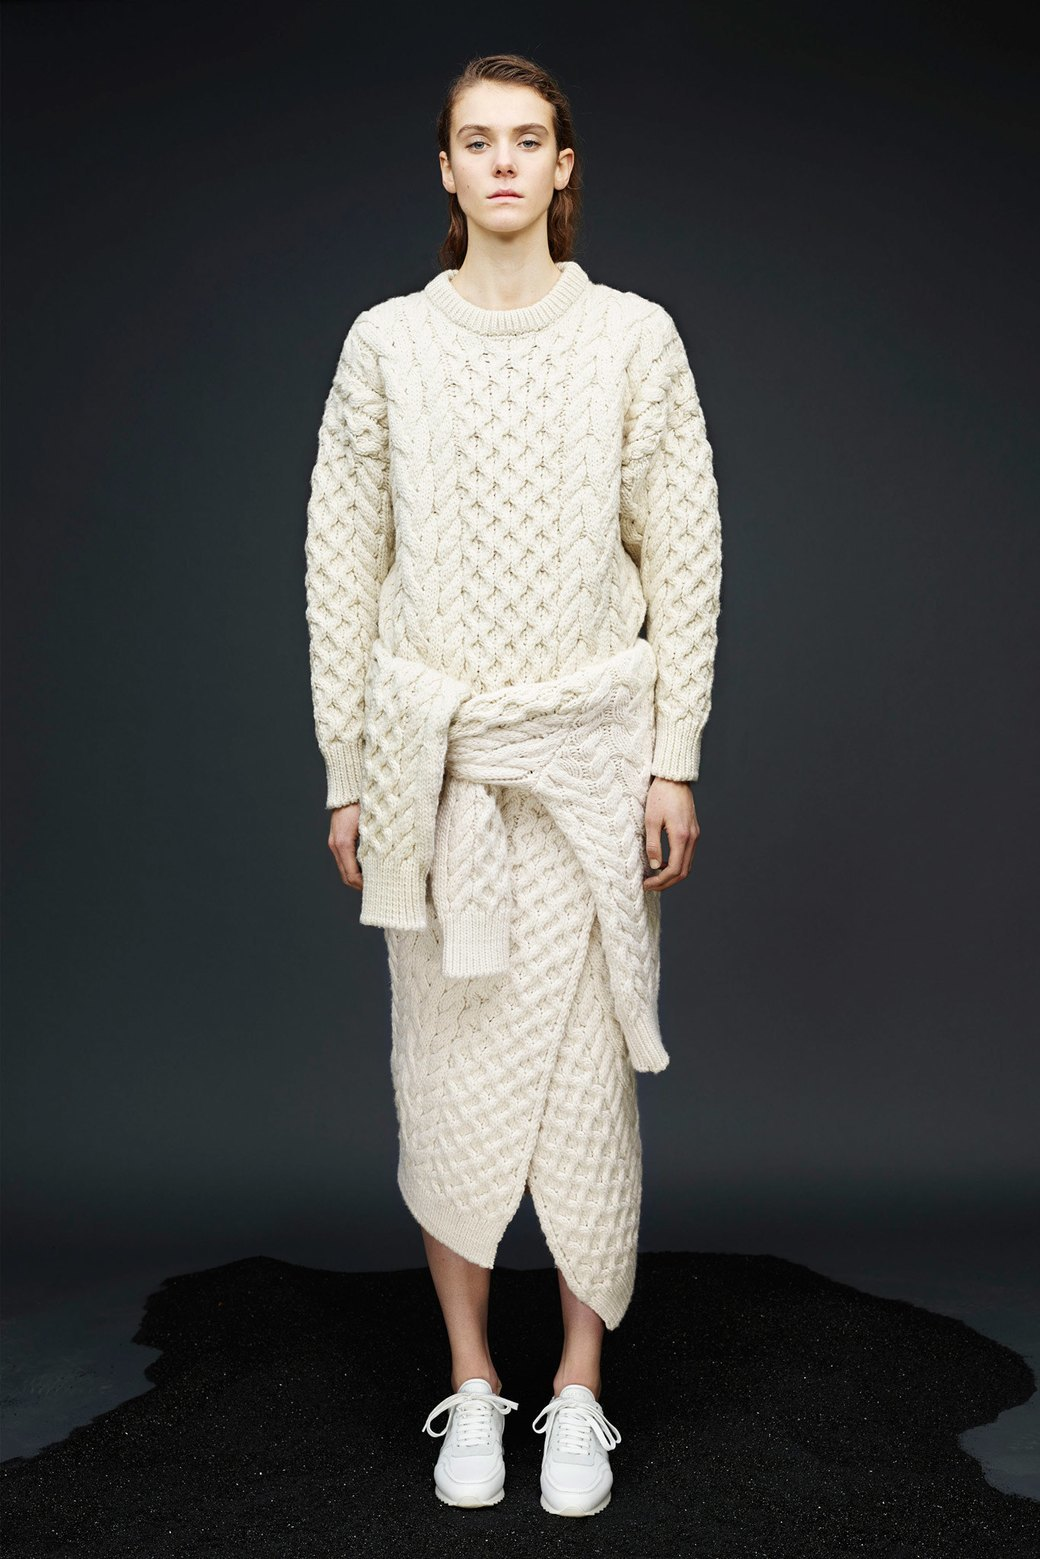 Что носить осенью: 10 модных образов. Изображение № 7.